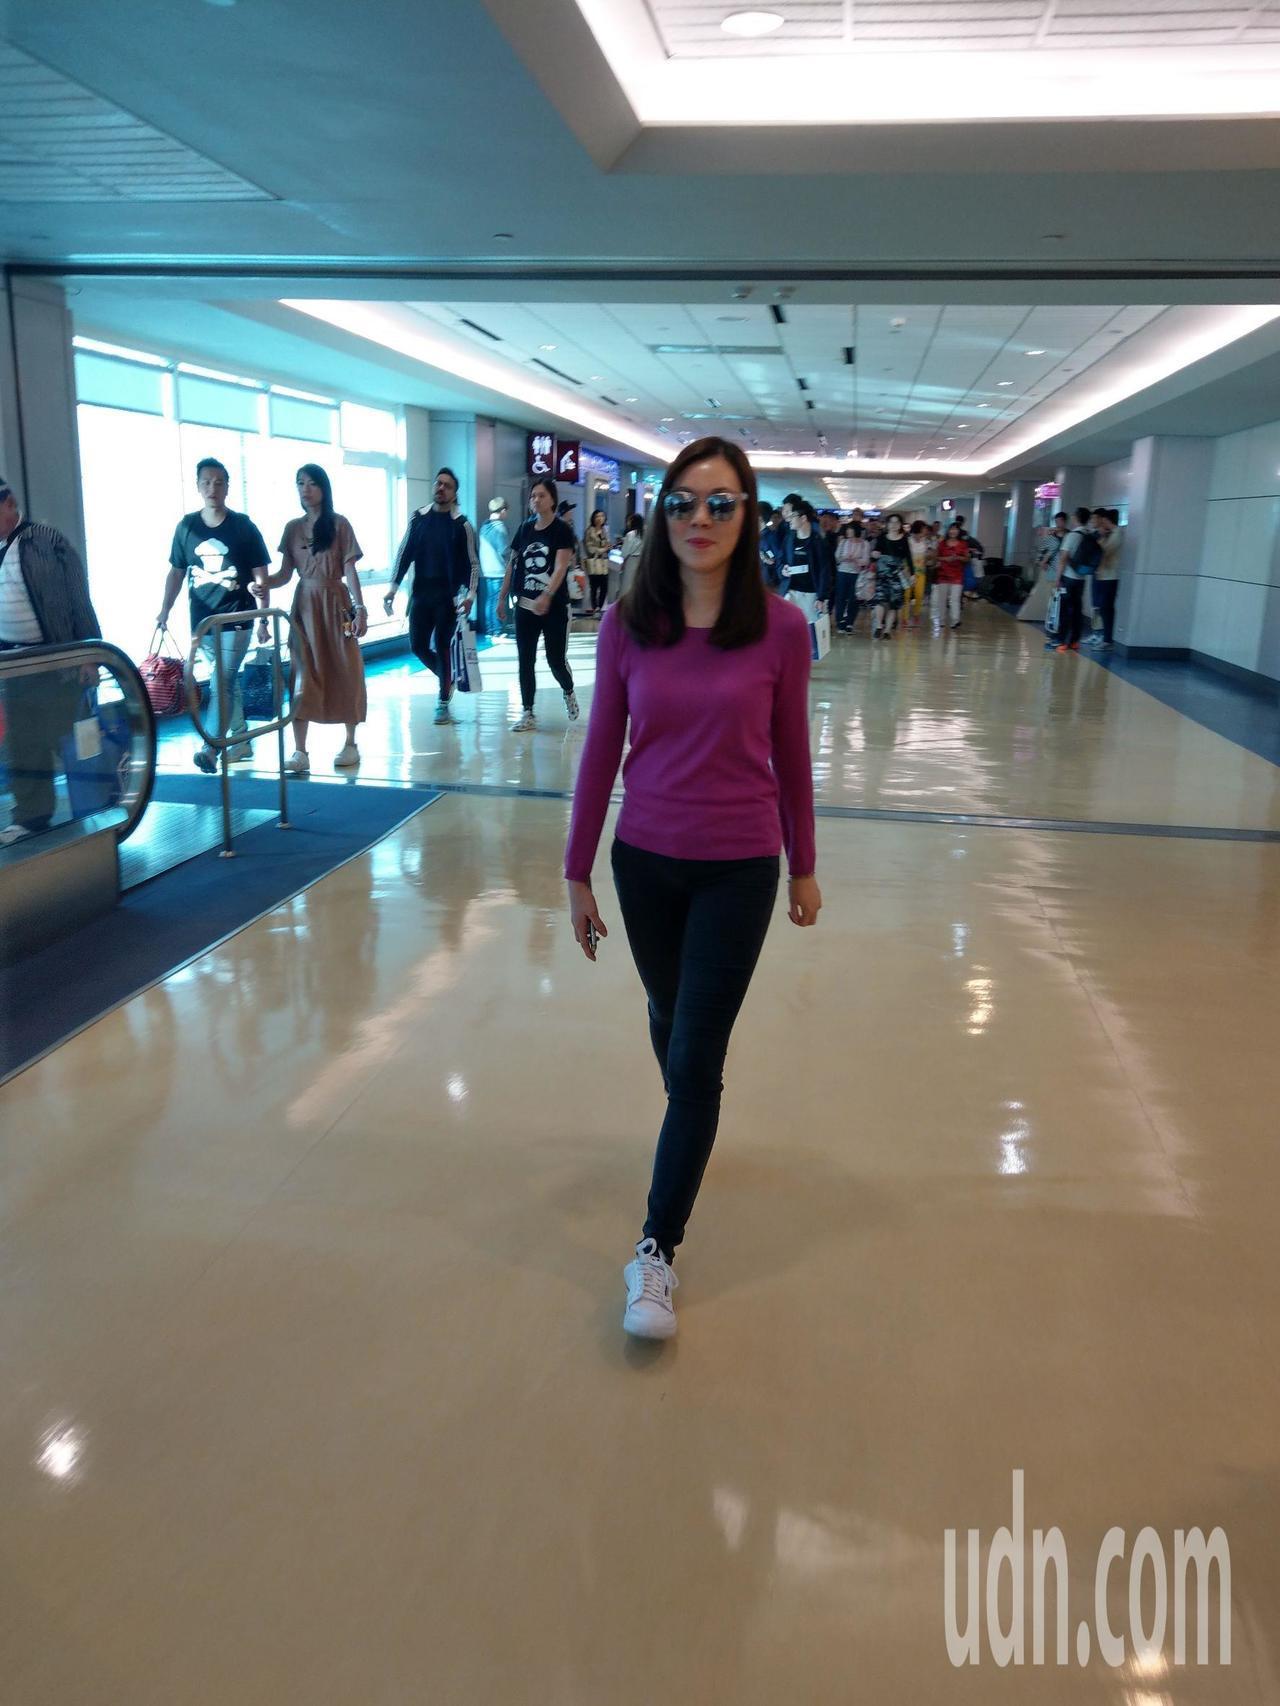 出國散心的郭台銘夫人曾馨瑩(圖)下午返抵國門。記者鄭超文/攝影